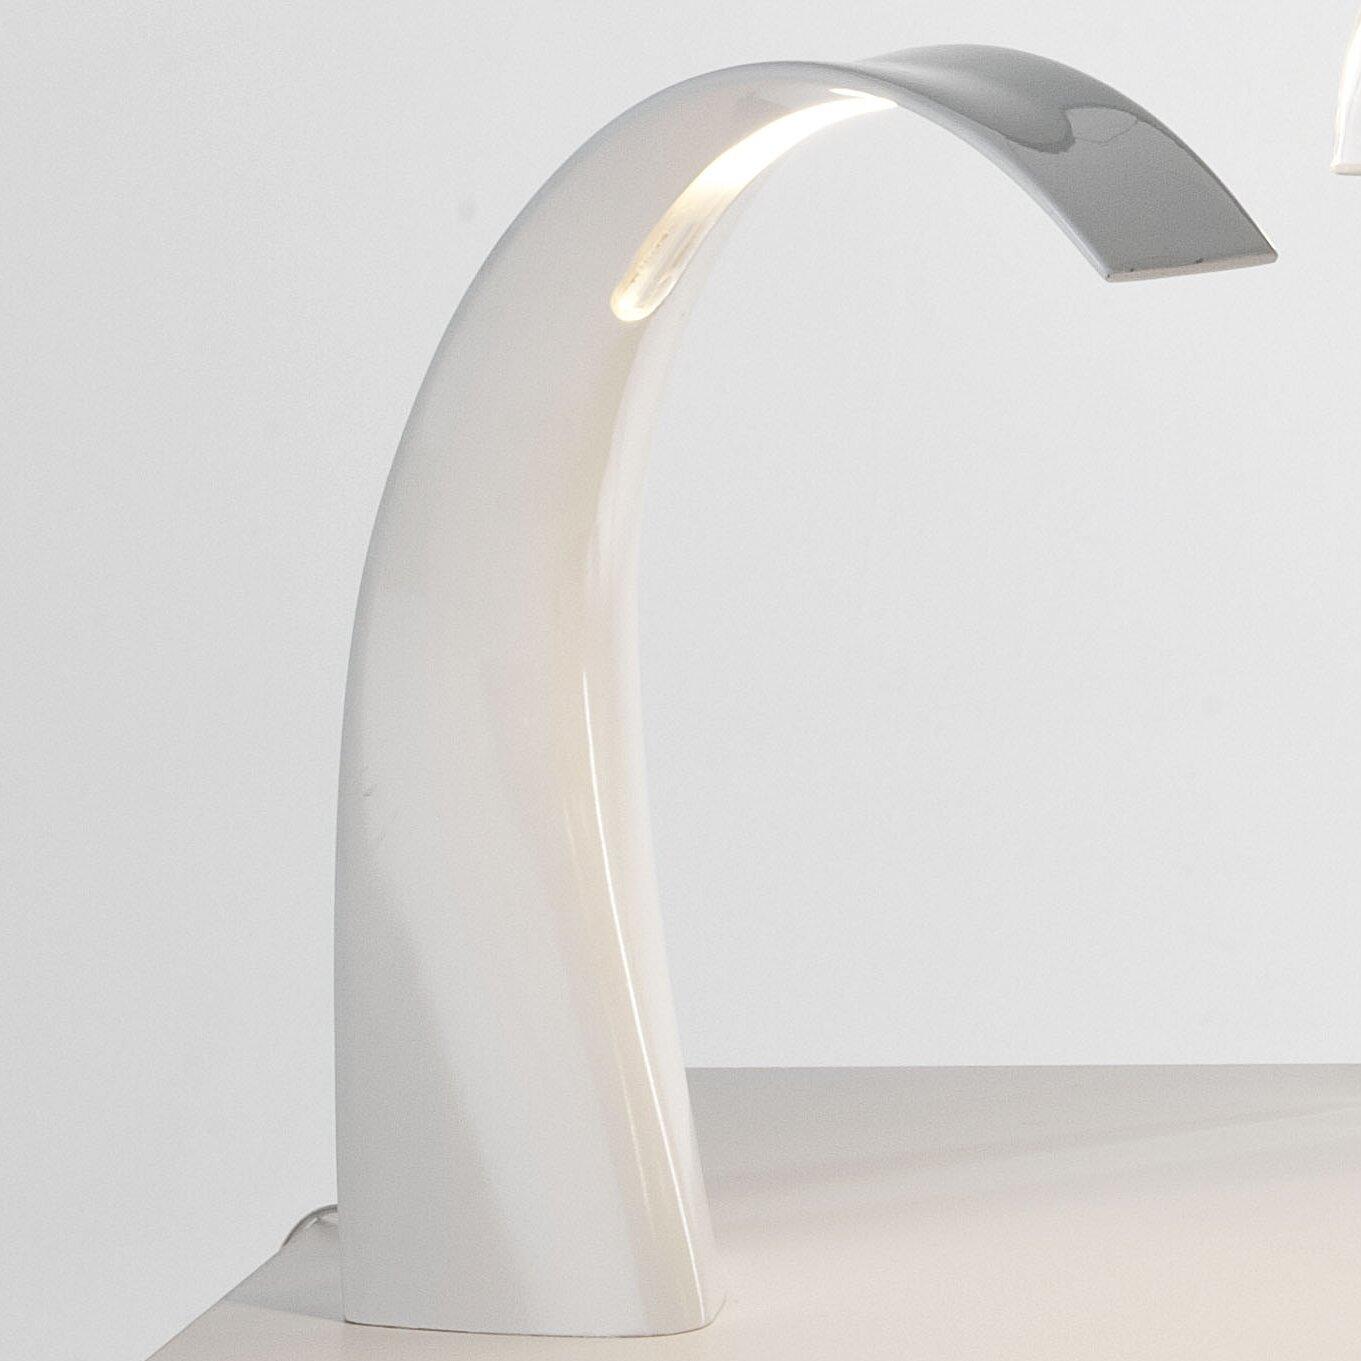 Taj Mini Led Table Lamp Reviews Allmodern